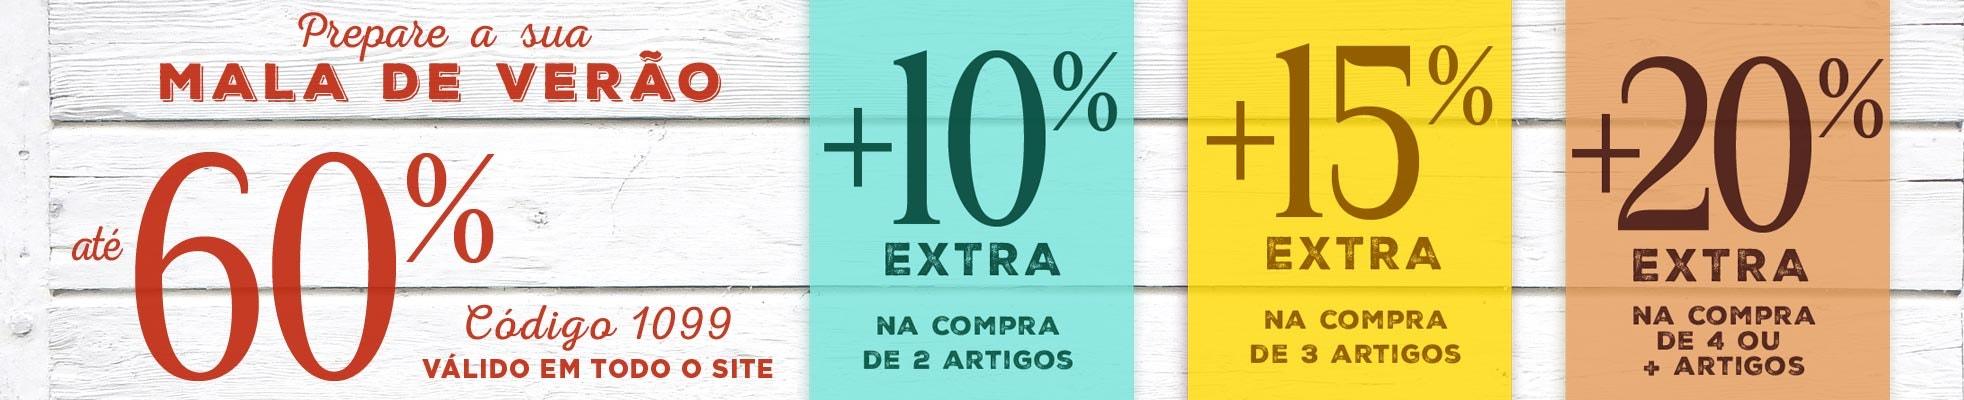 Mala de Verão: reduções até 60% +10%, 15% ou 20% EXTRA!